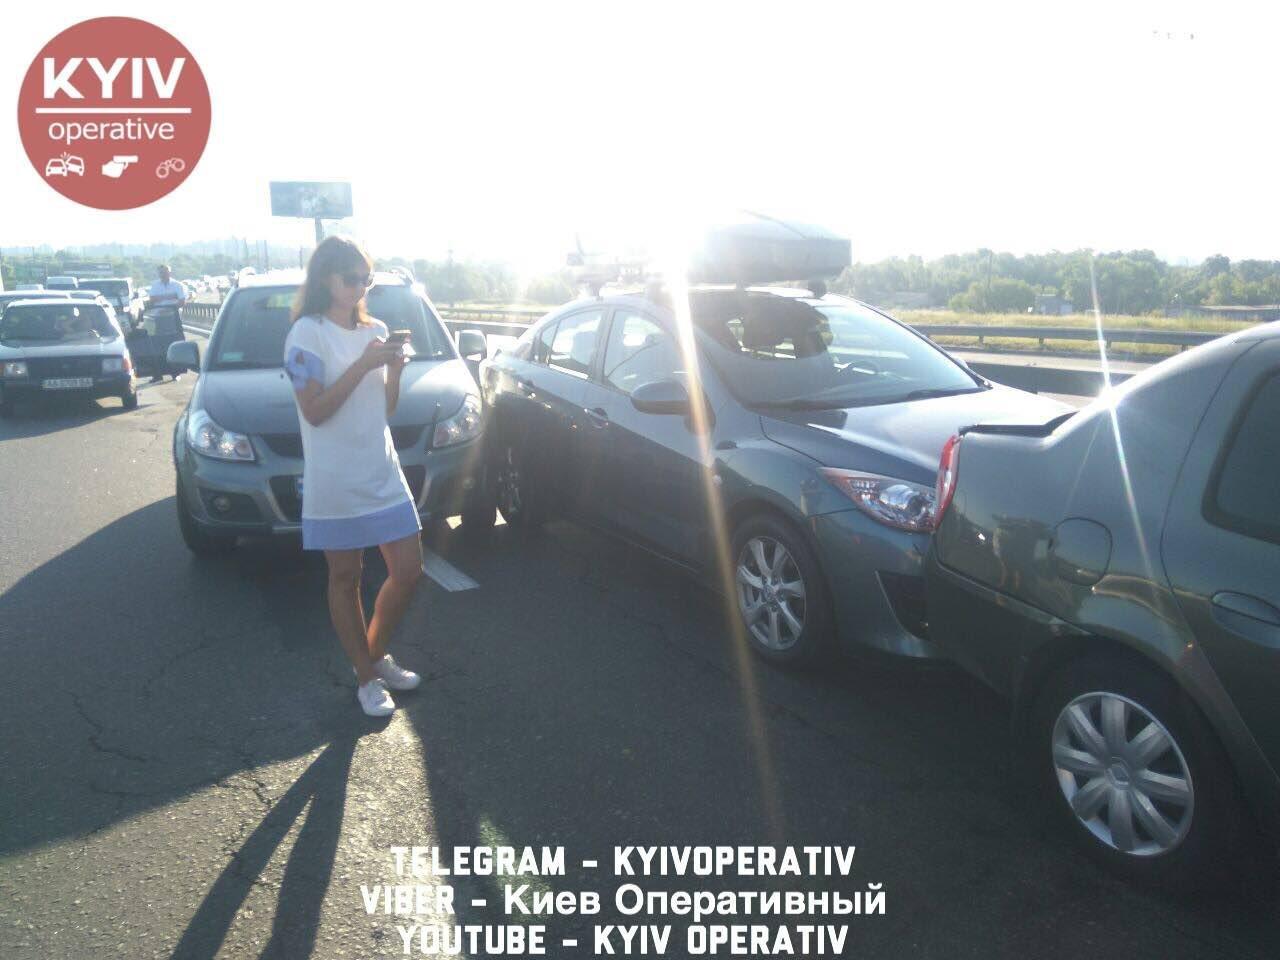 В Киеве произошла масштабная авария на мосту: опубликованы фото